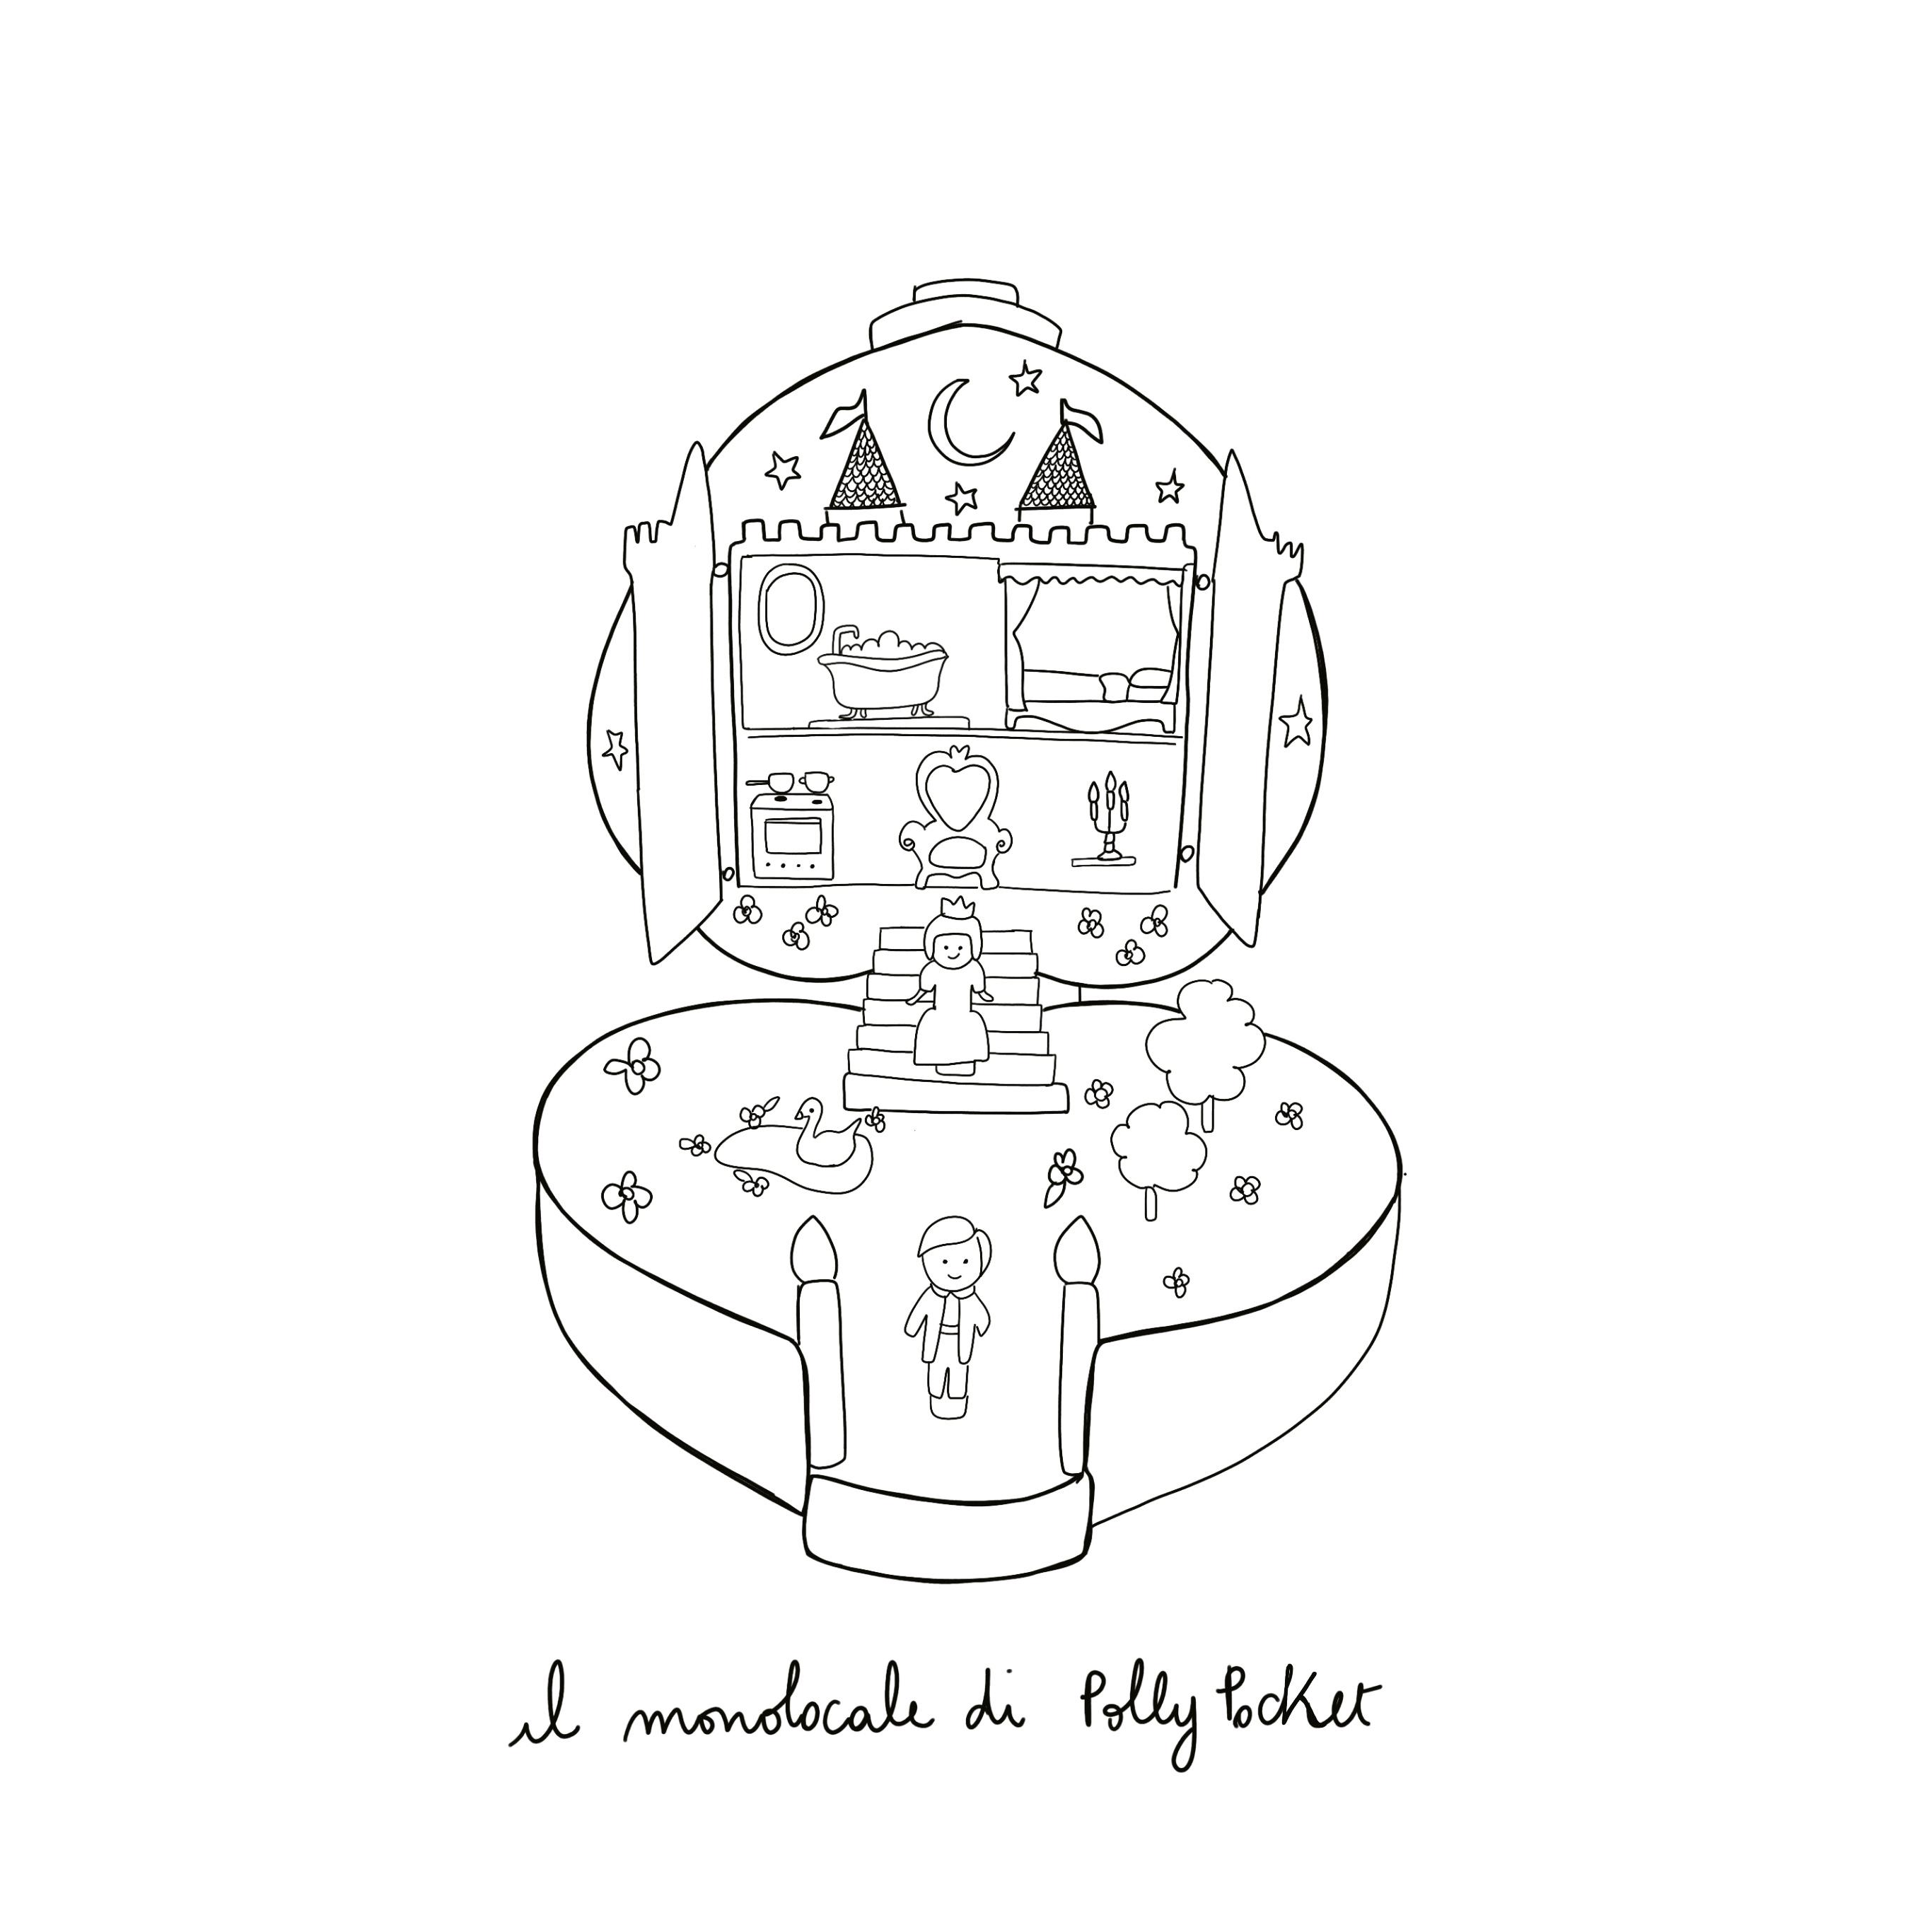 ImperdibiliMemorie_PollyPocket_illustrazione Valentina Merzi